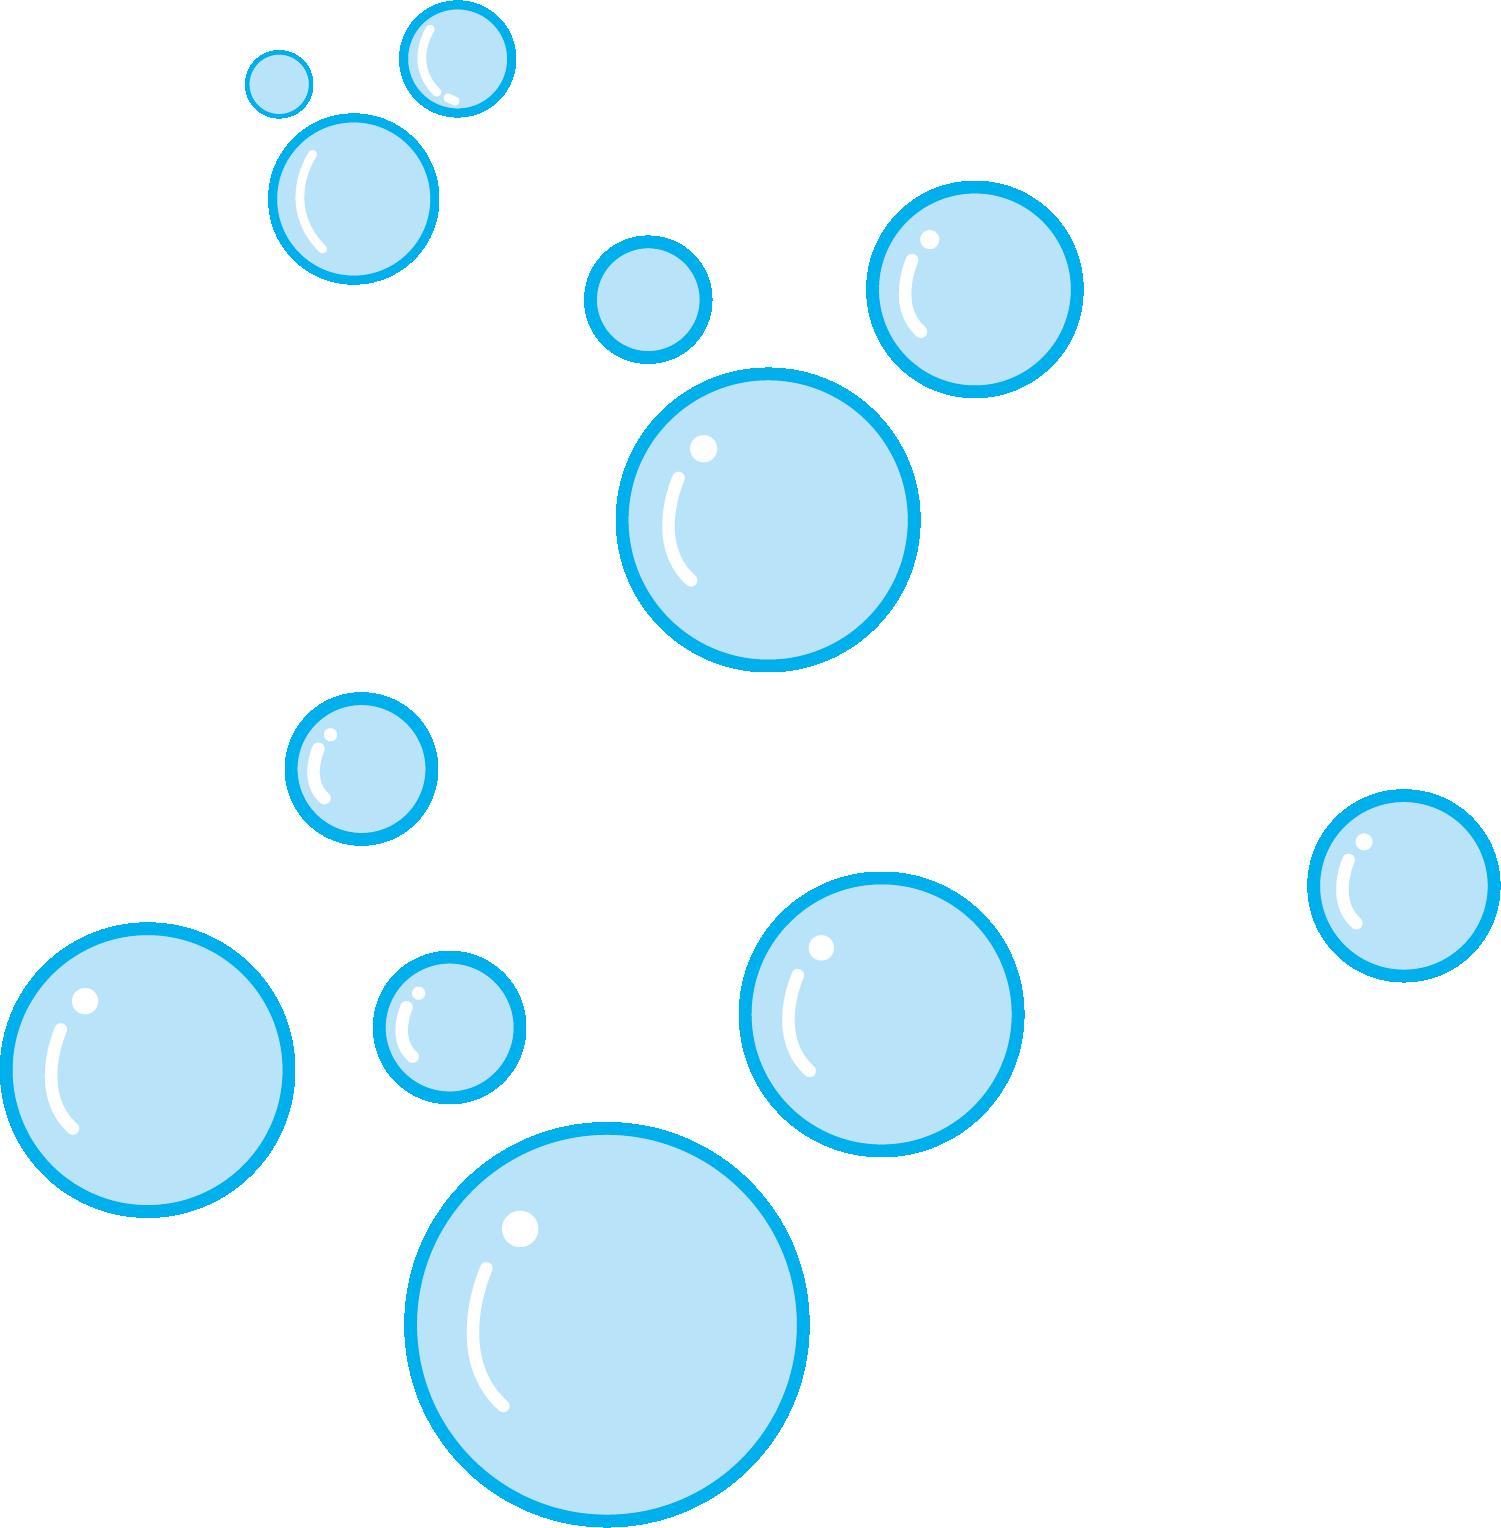 Hình ảnh bong bóng xanh nhỏ